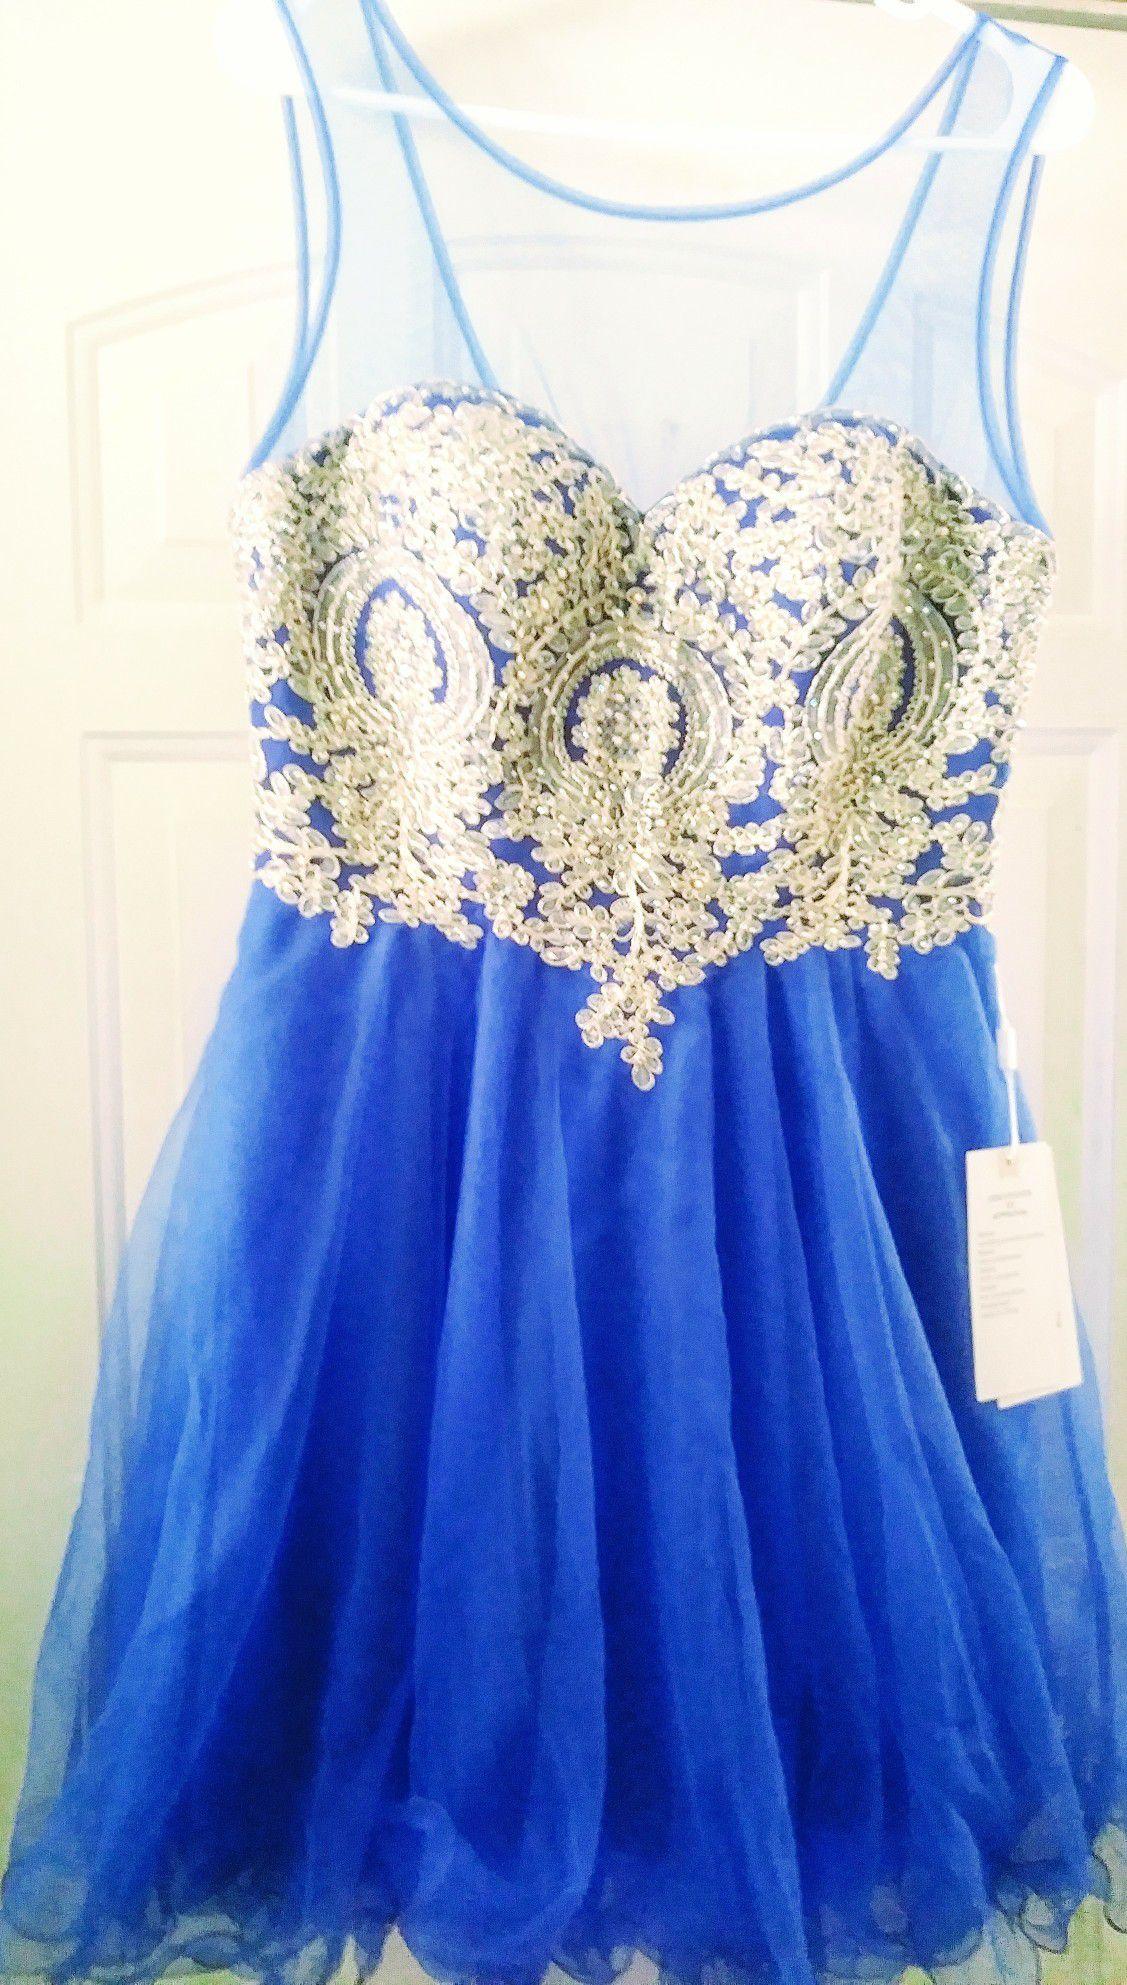 Royal blue & Gold formal dress